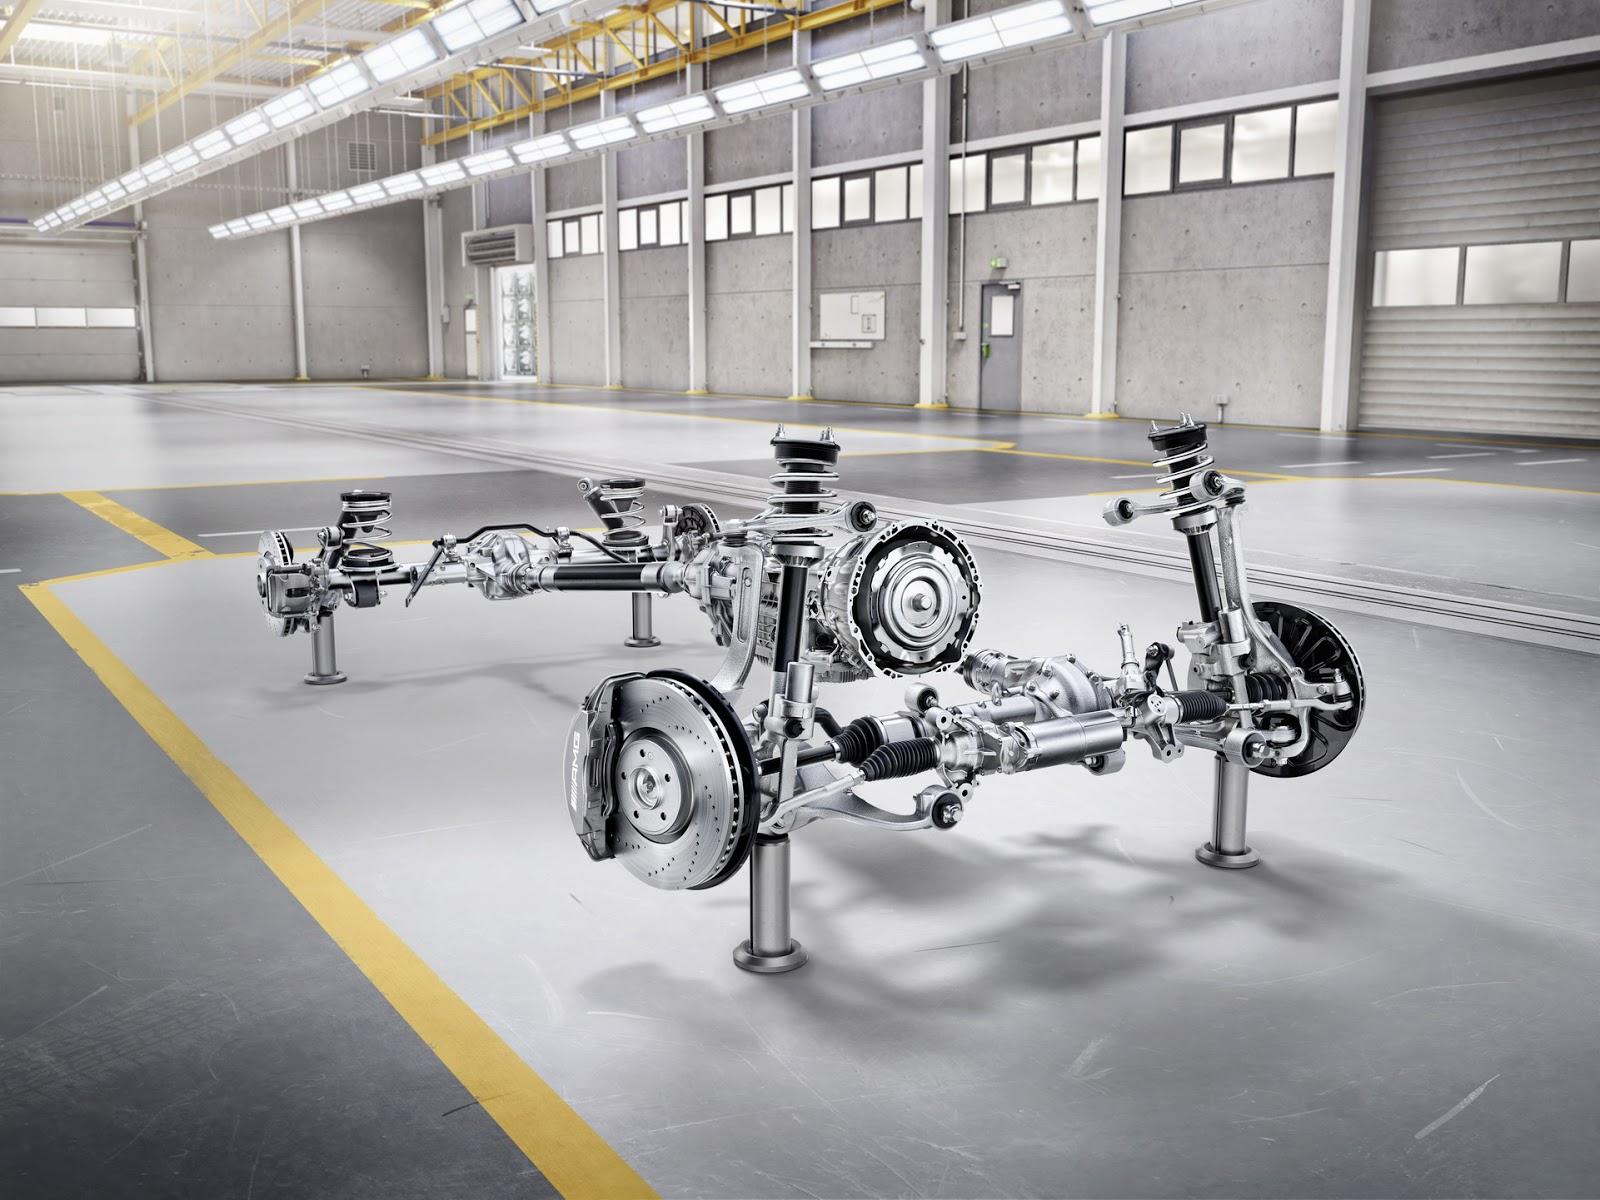 2019-Mercedes-Benz-G-Class-004.jpg